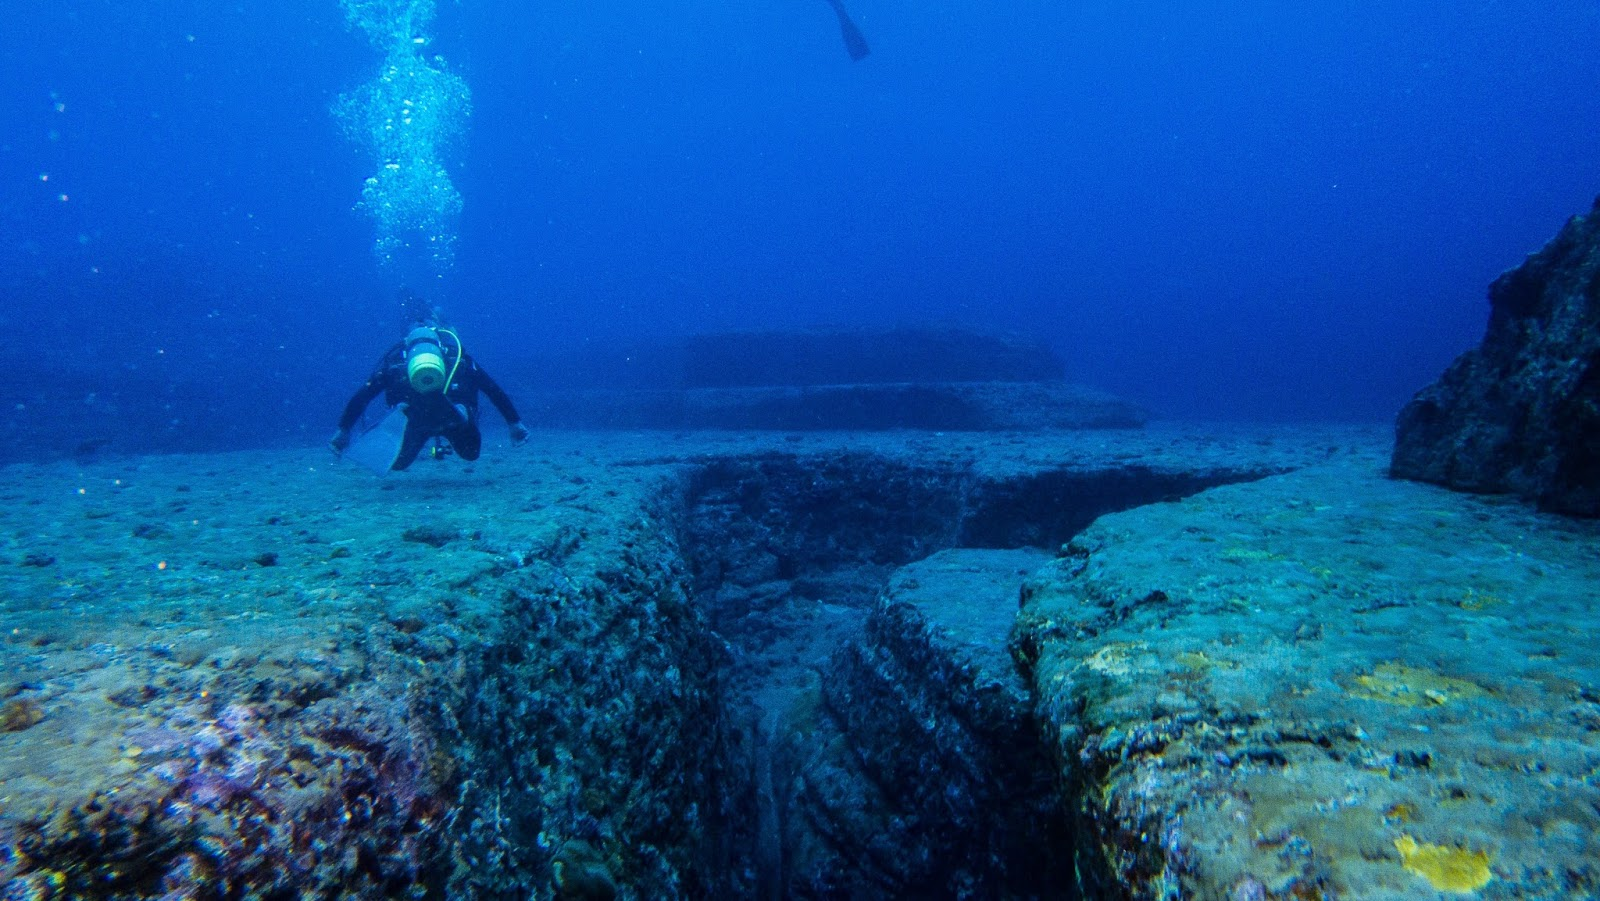 沖繩-沖繩潛水-沖繩浮潛-與那國島-海底遺跡-推薦-潛點-Okinawa-scuba-diving-snorkeling